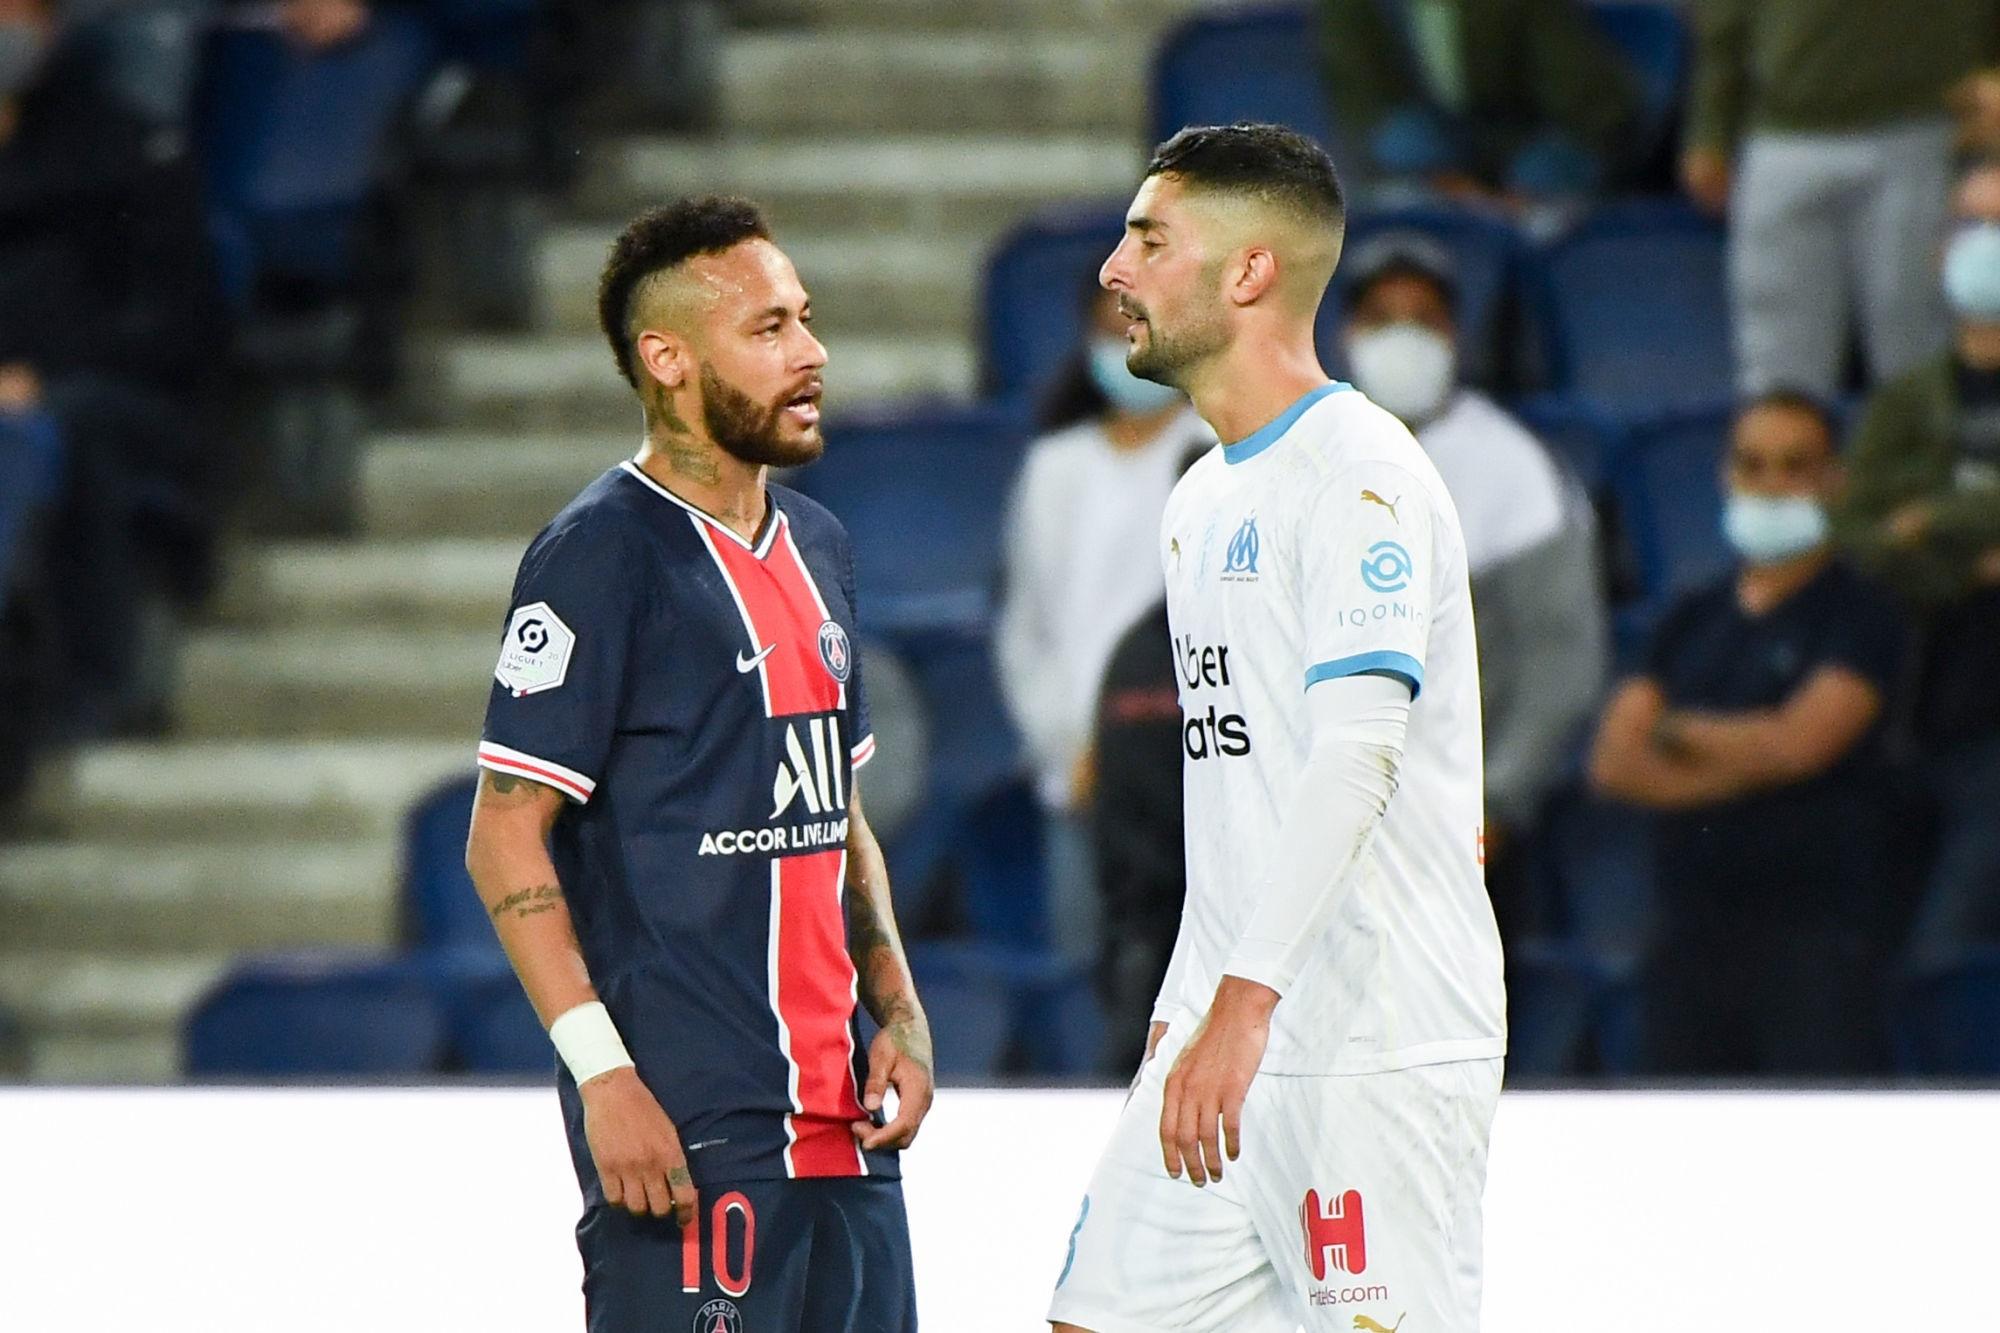 PSG/OM - Neymar accusé de propos homophobes à l'encontre d'Alvaro Gonzalez